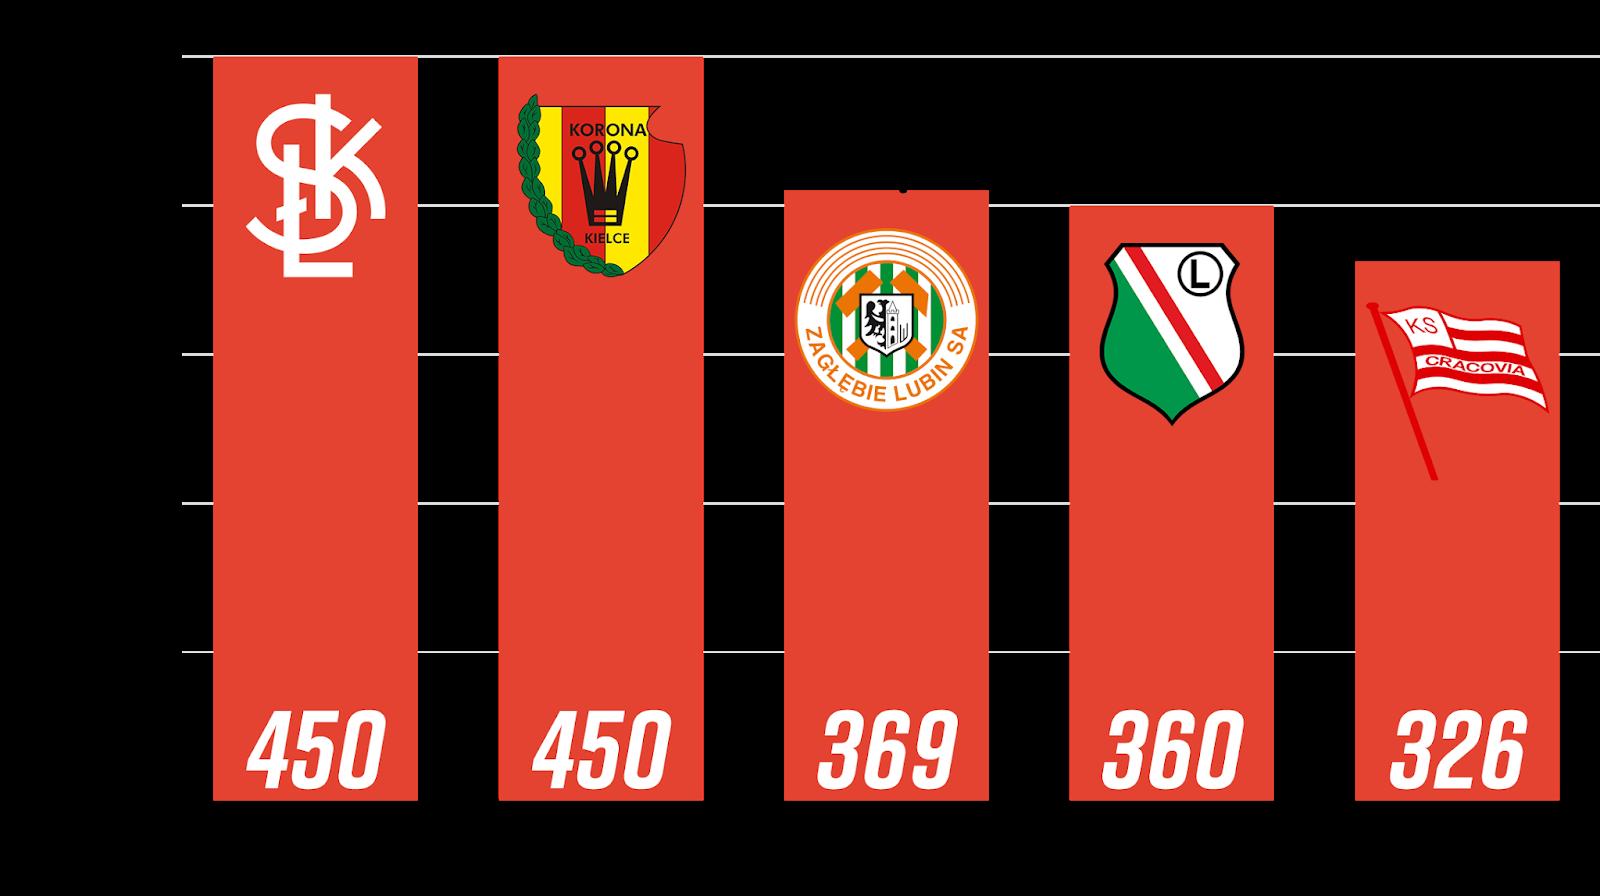 Najwięcej rozegranych minut przez młodzieżowców z rocznika 1999 i młodsi po 5. kolejce PKO Ekstraklasy<br><br>Źródło: Opracowanie własne na podstawie ekstrastats.pl i 90minut.pl<br><br>graf. Bartosz Urban